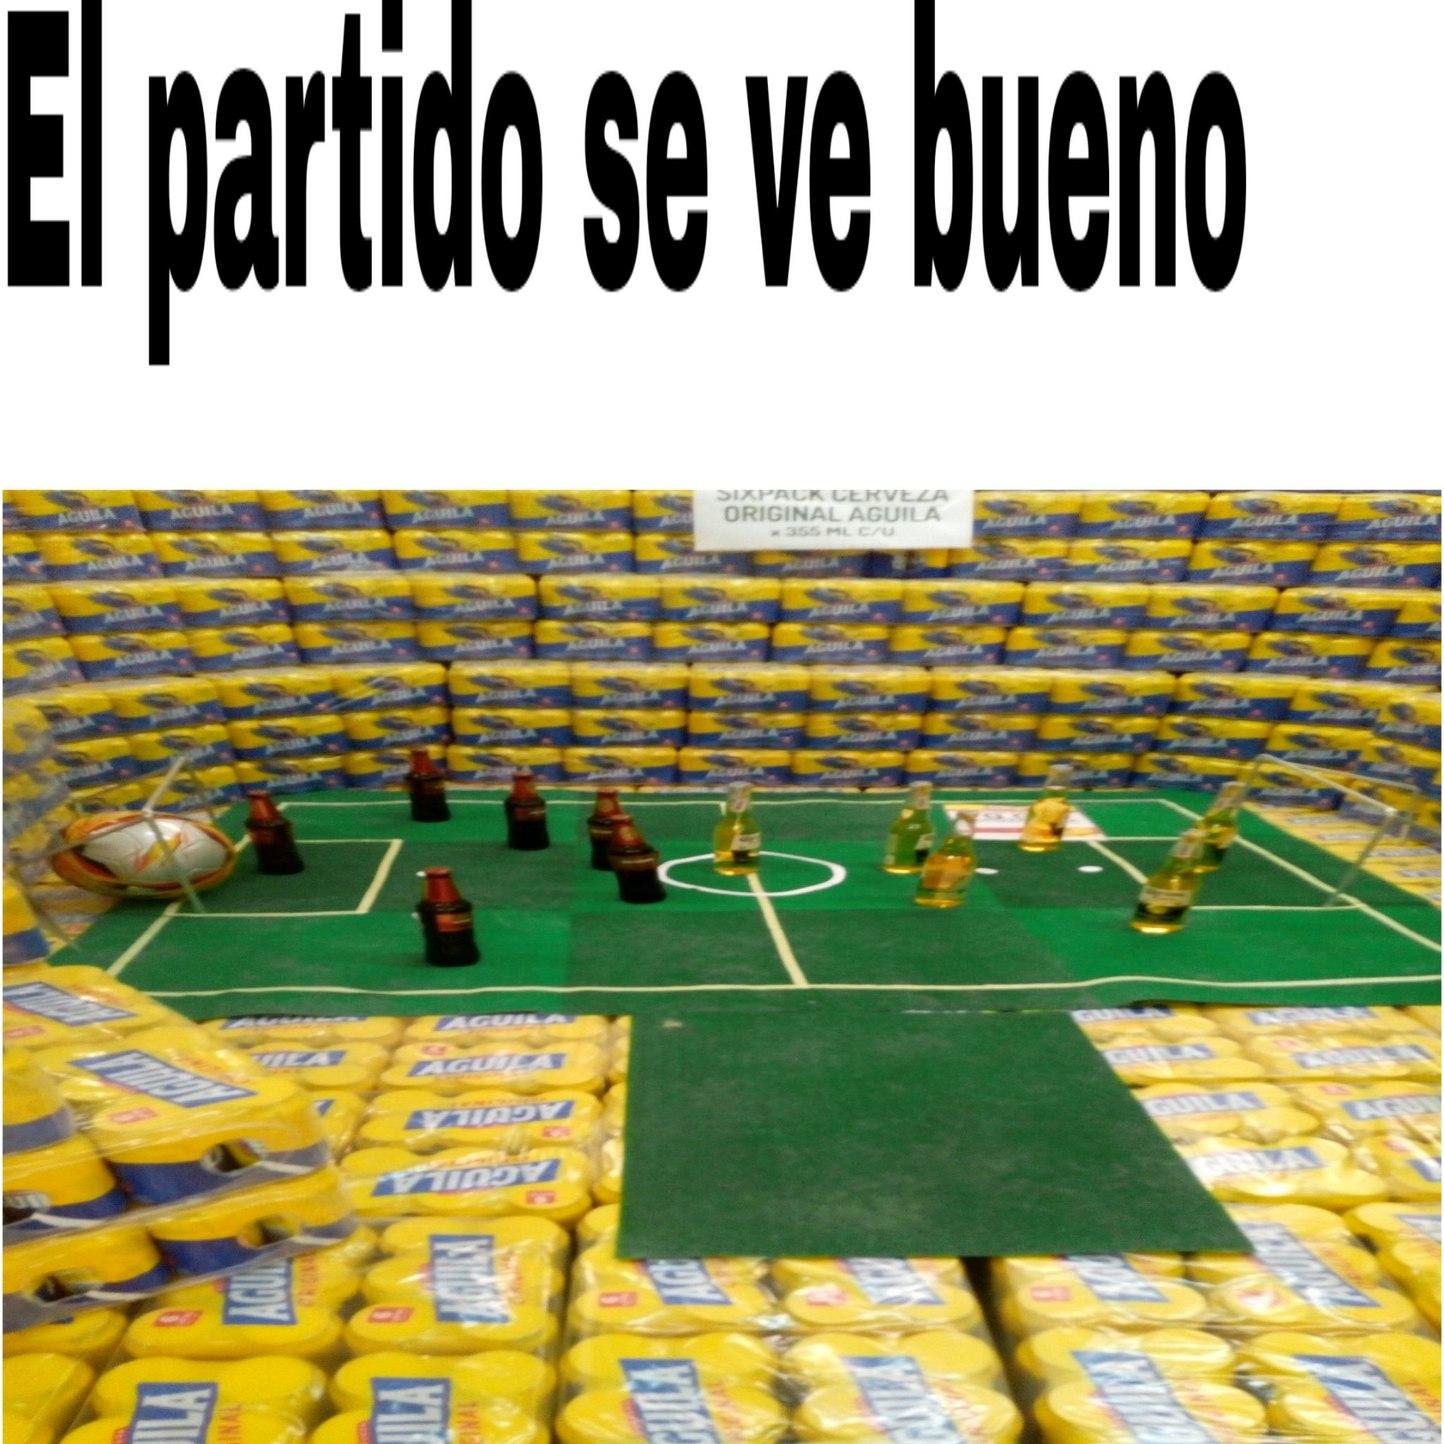 Rivalidad epica - meme